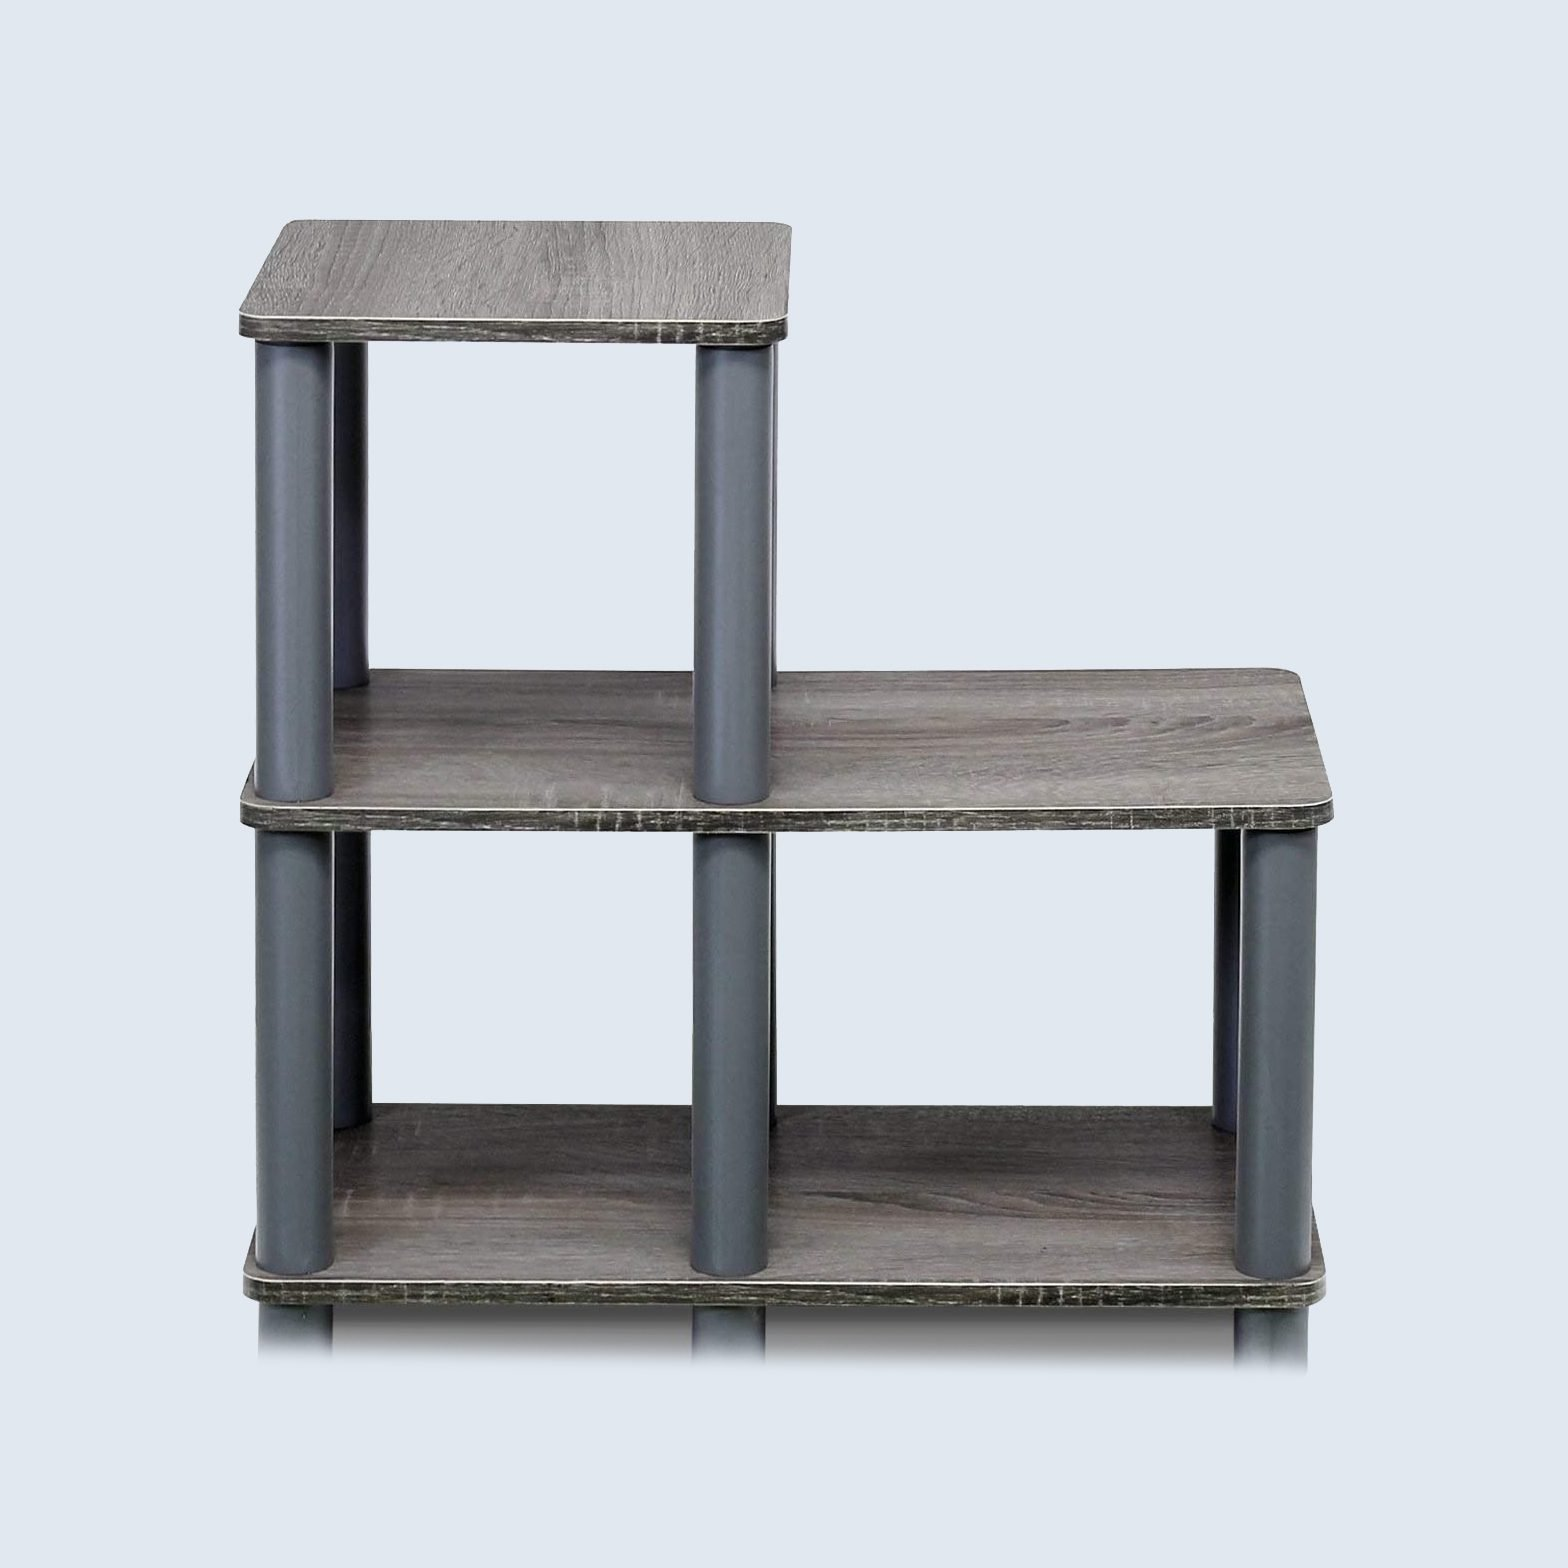 Furinno decorative shelf